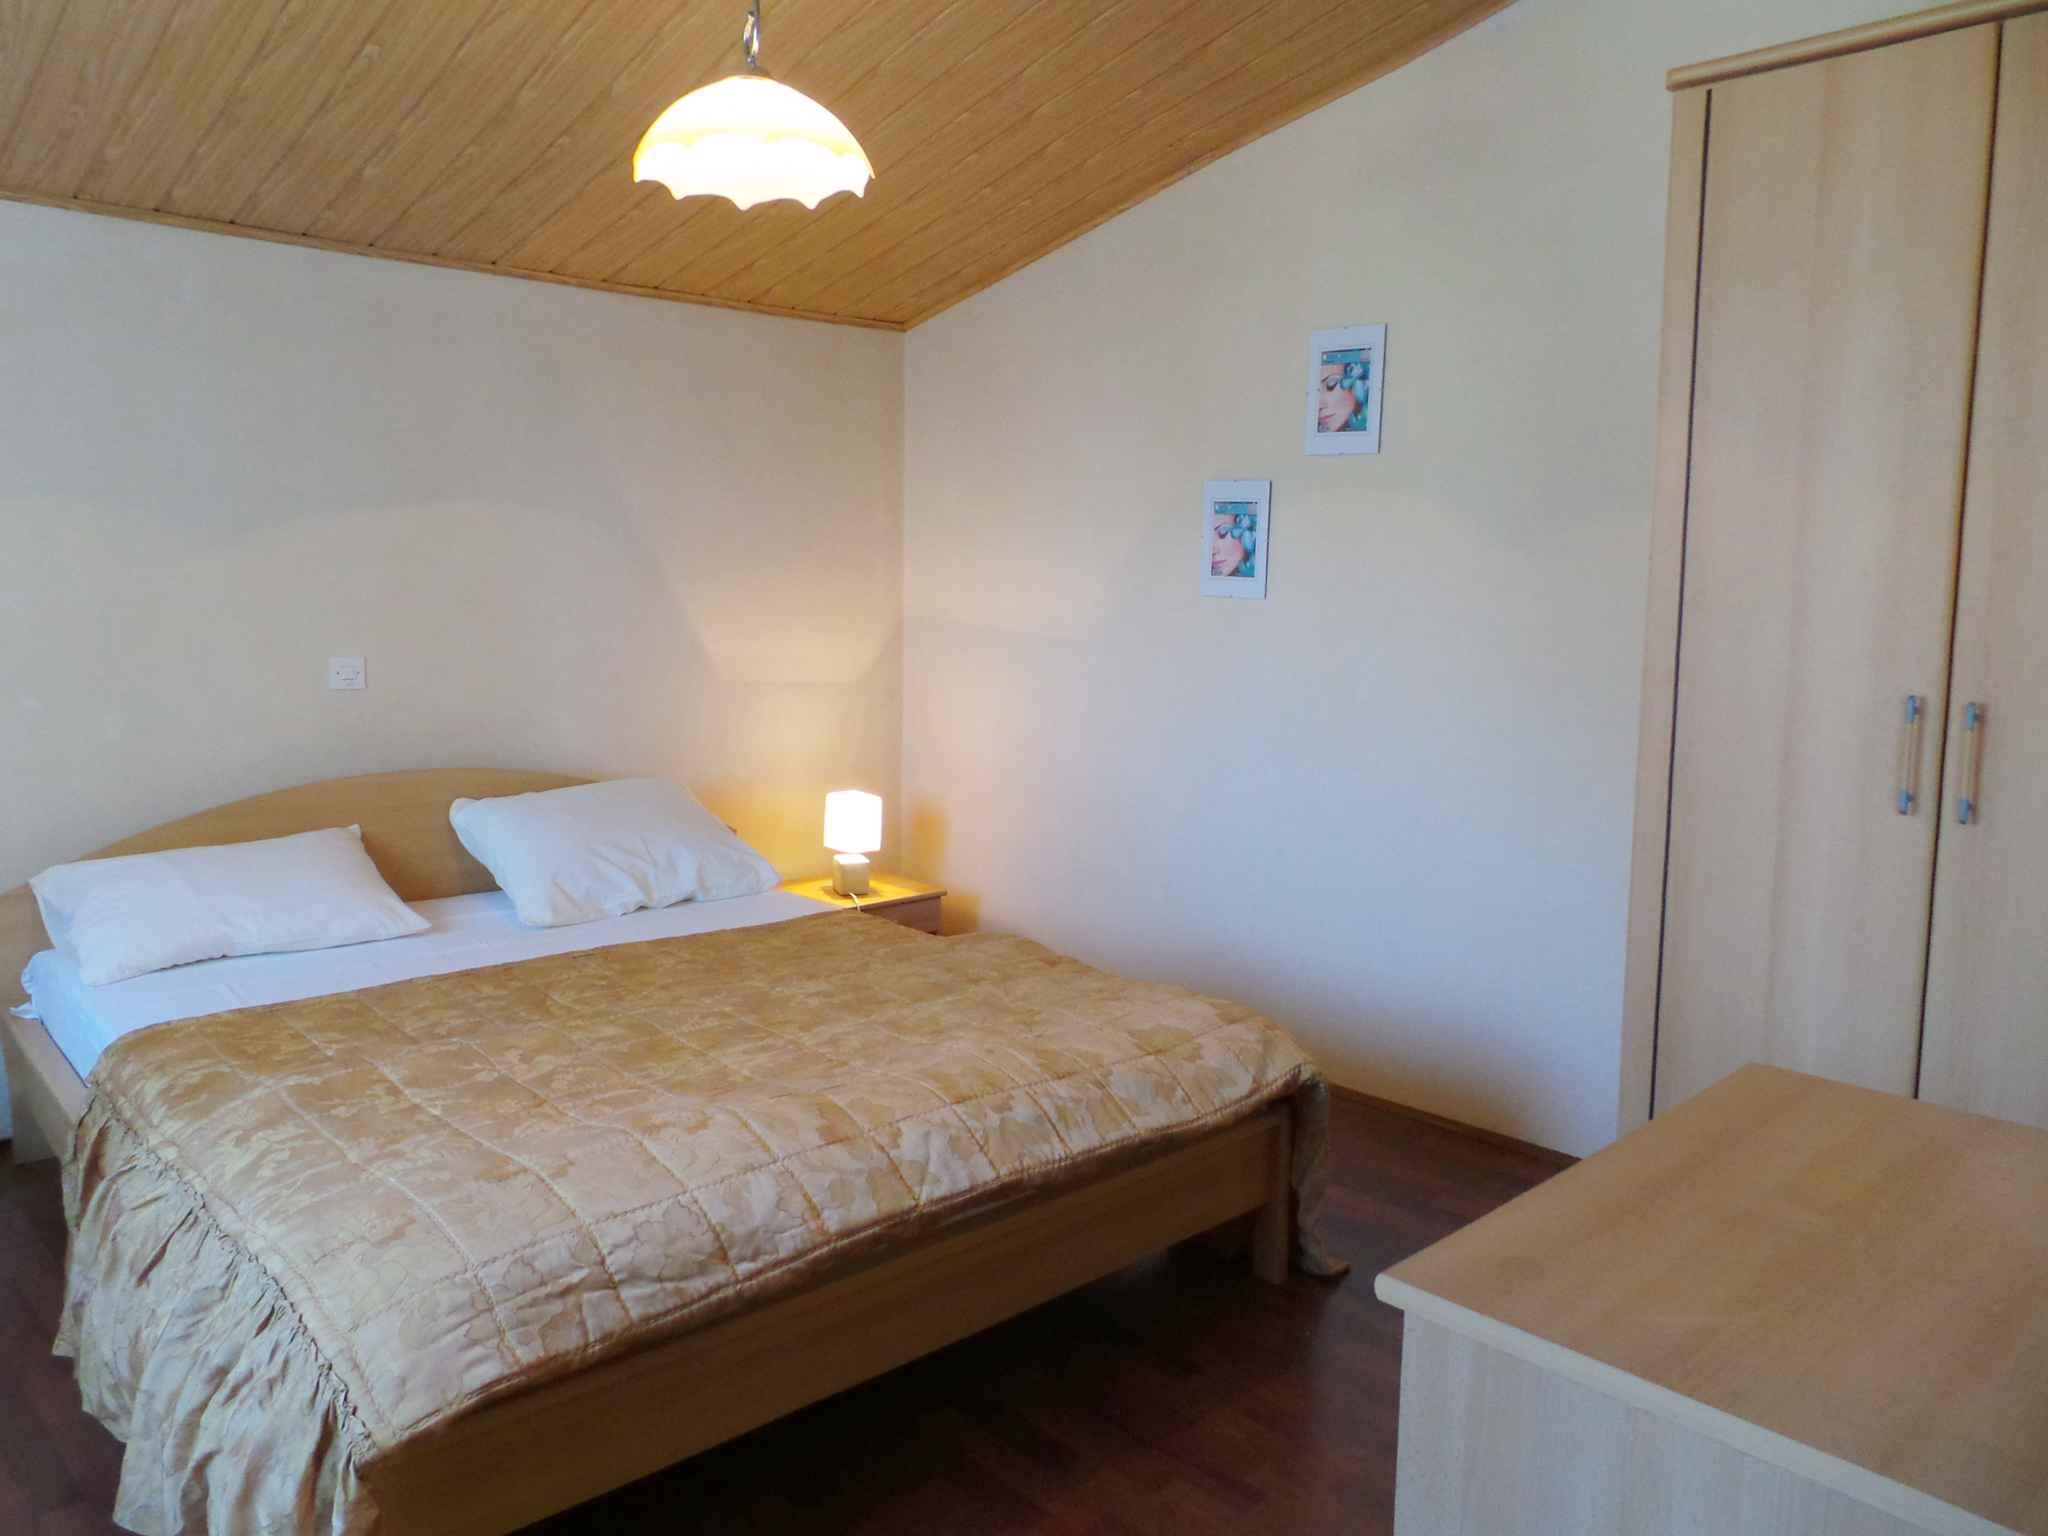 Ferienwohnung mit SAT-TV und Balkon (280821), Pula, , Istrien, Kroatien, Bild 17